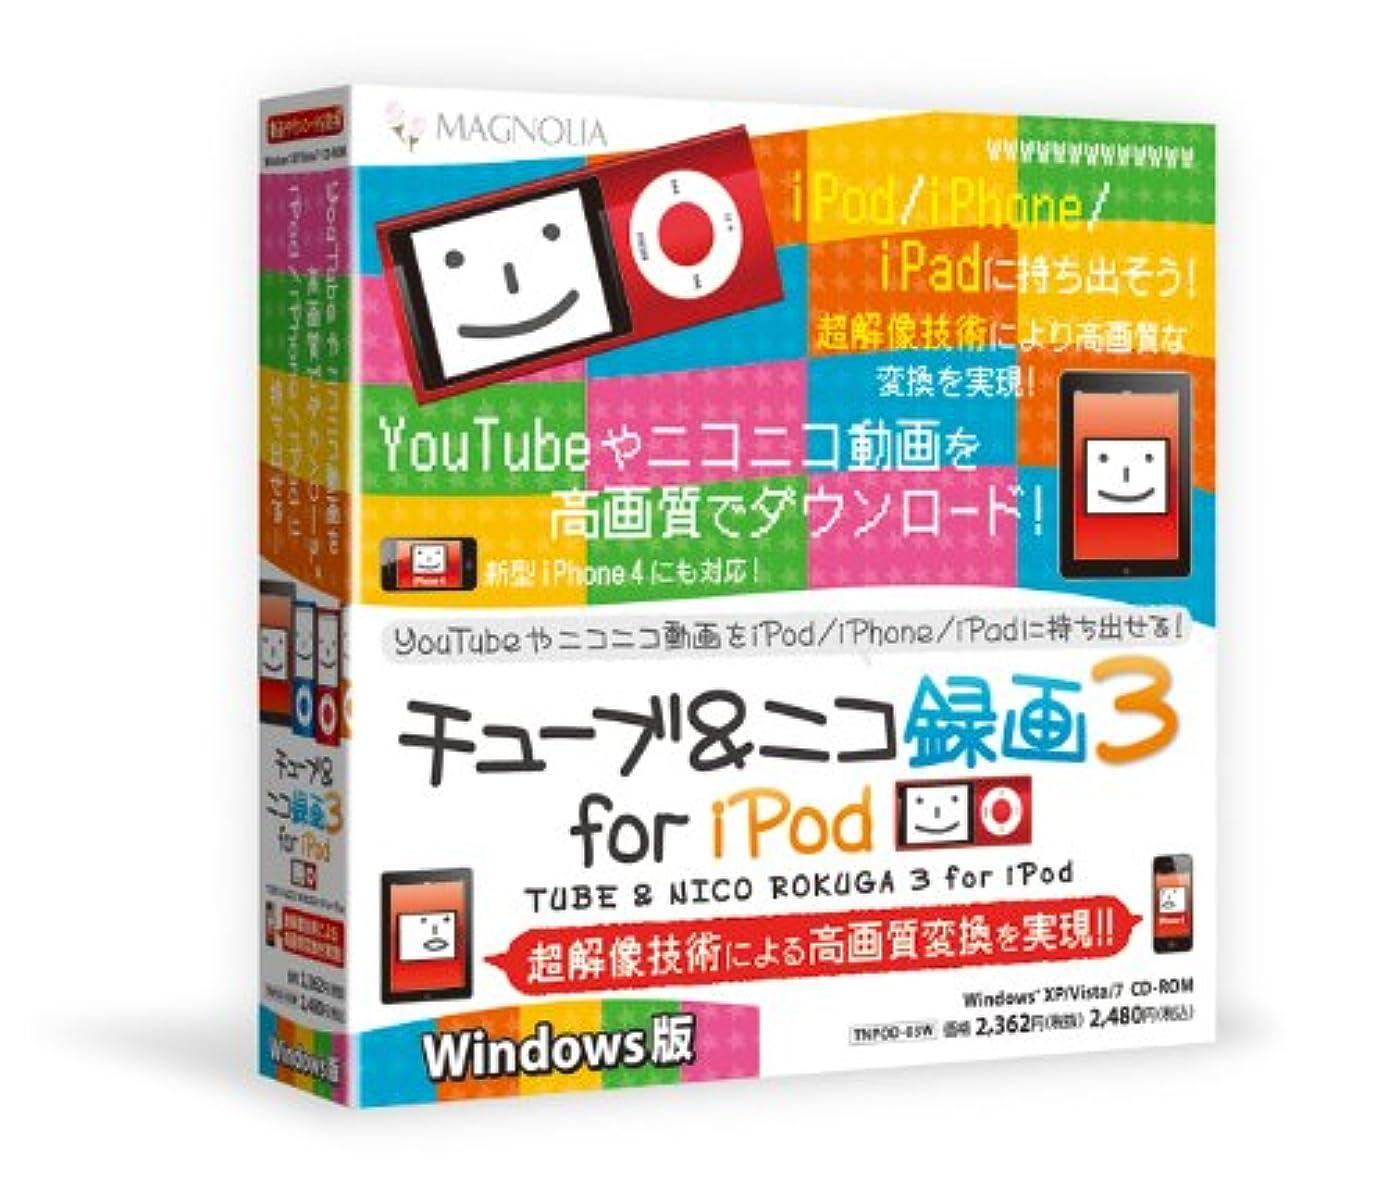 ネックレット反逆者波マグノリア チューブ&ニコ録画3for iPod  Windows版